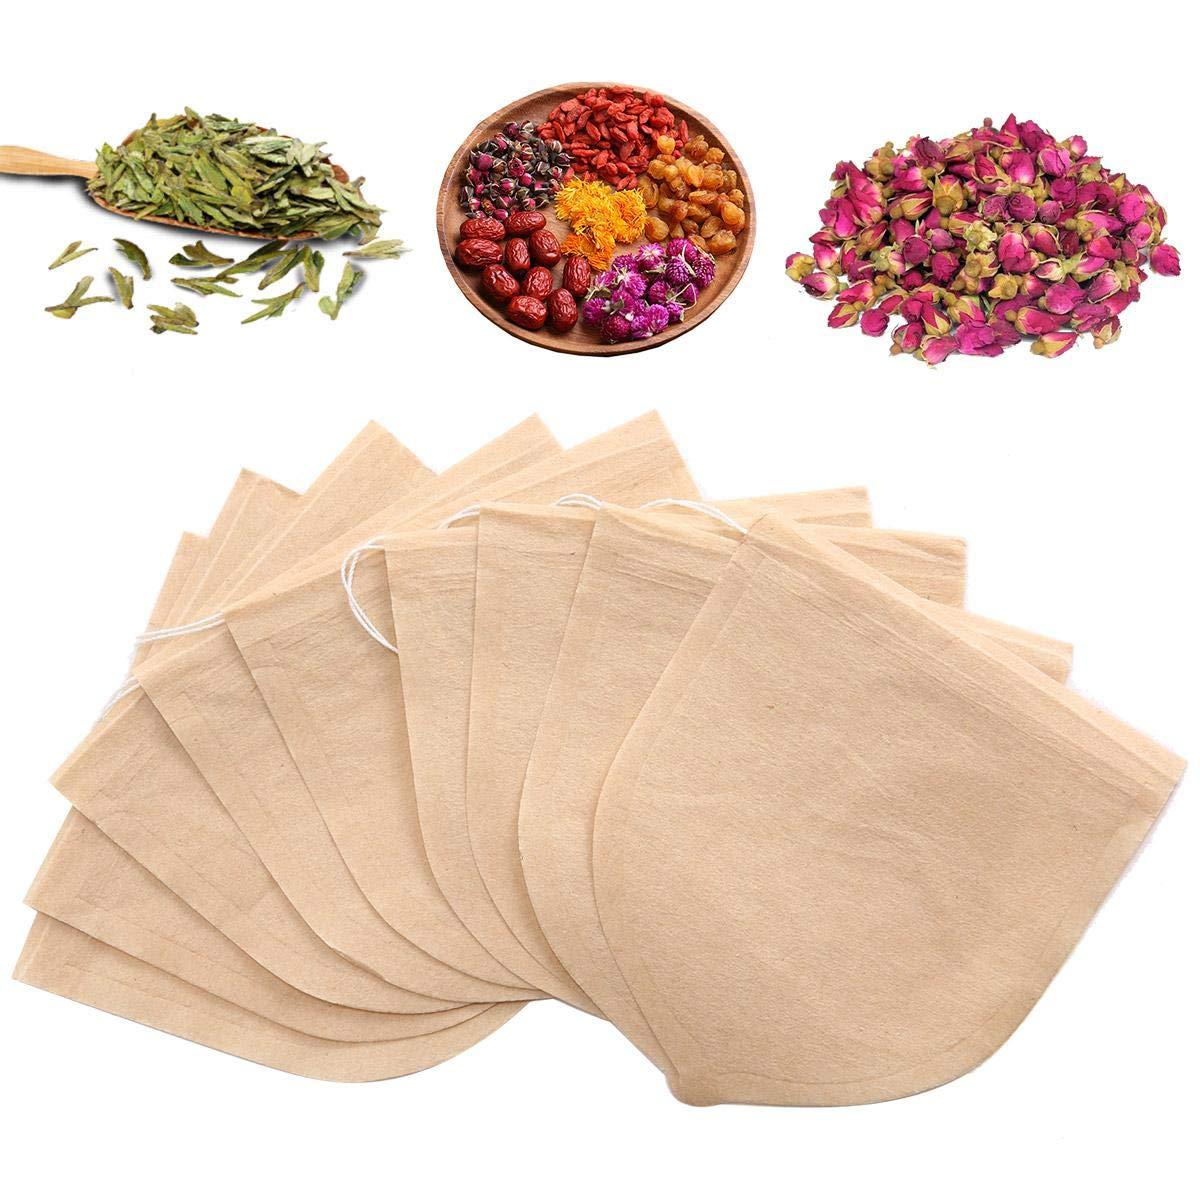 AOLVO - 100 Bolsas Desechables de Filtro de té vacías con ...